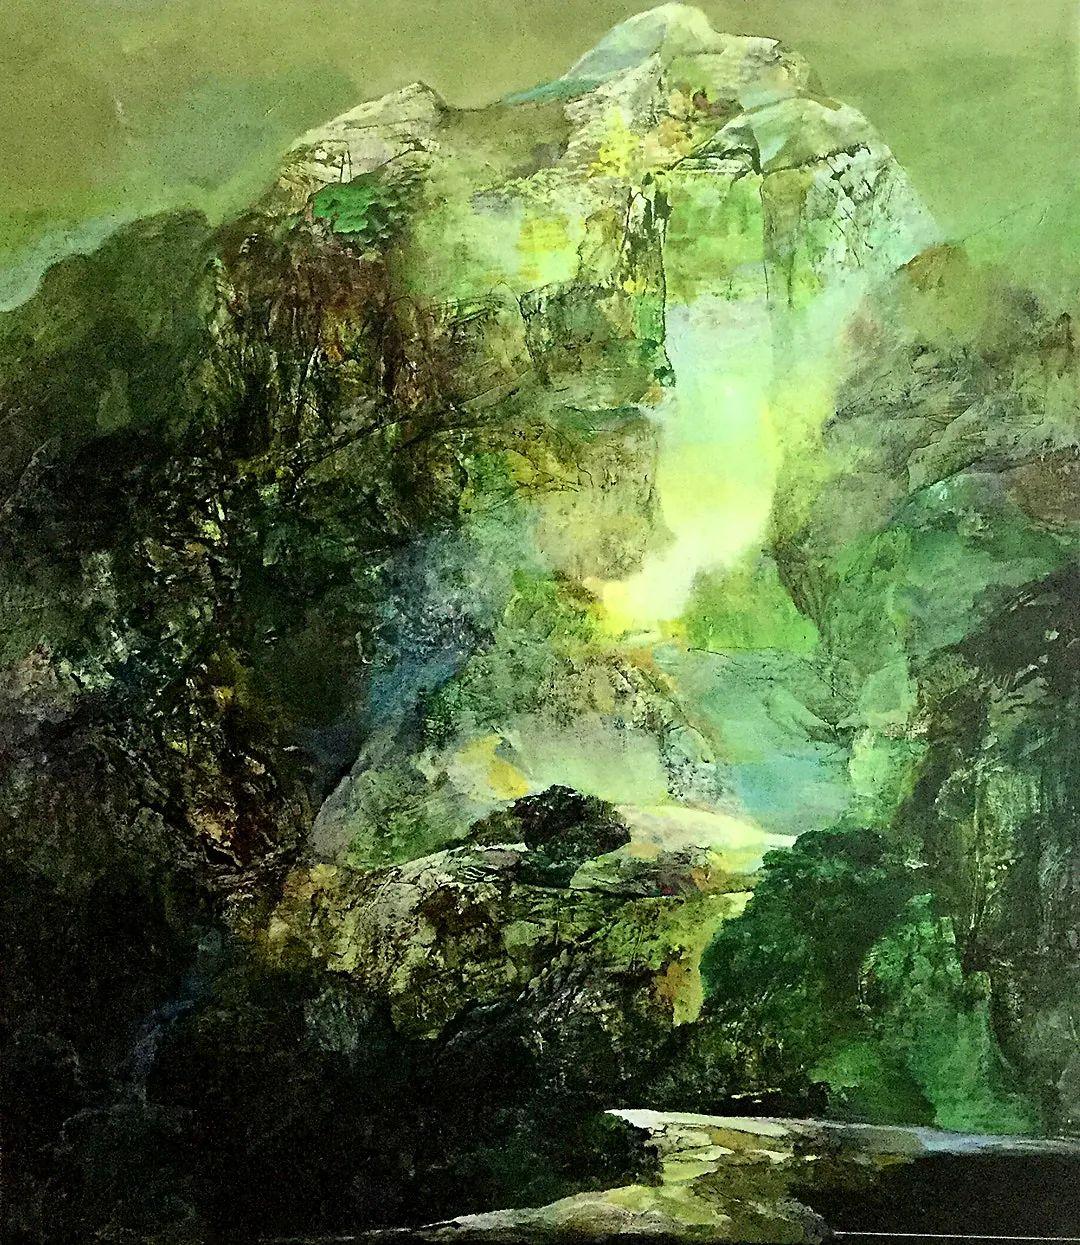 中国当代绘画艺术展作品欣赏之 杨兴雅插图29